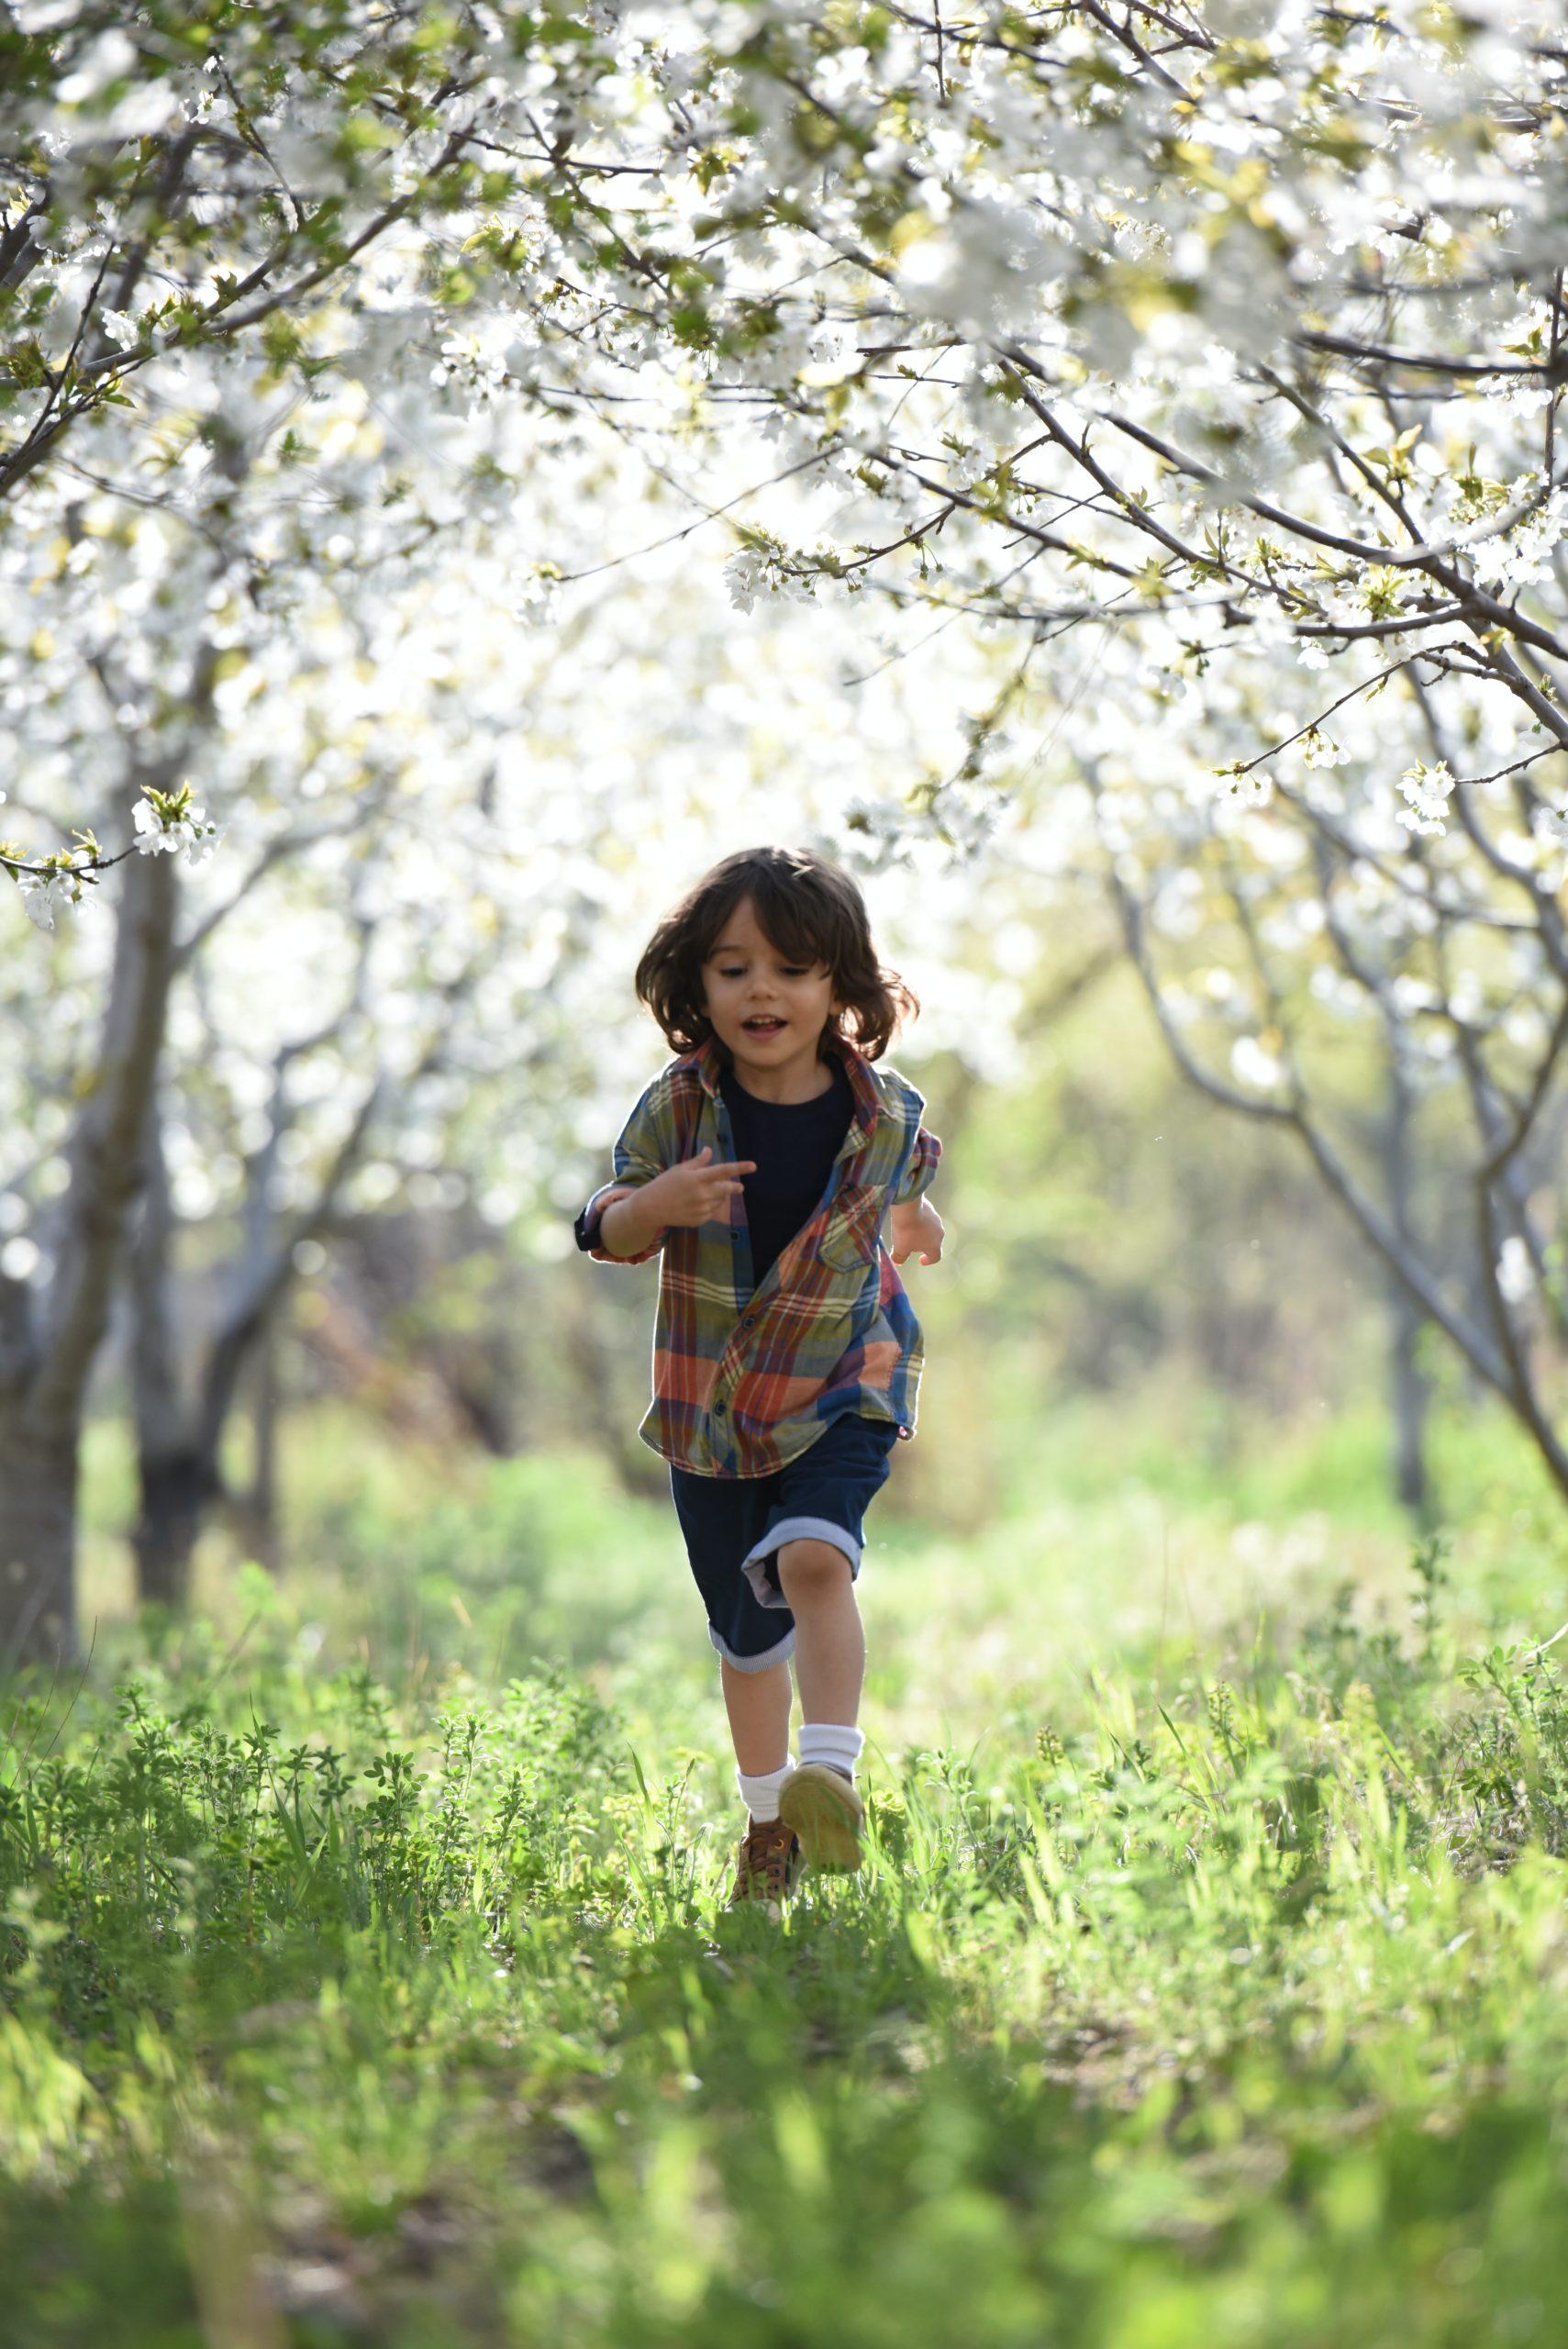 L'enfant doit être libre d'explorer l'environnement qui l'entoure.